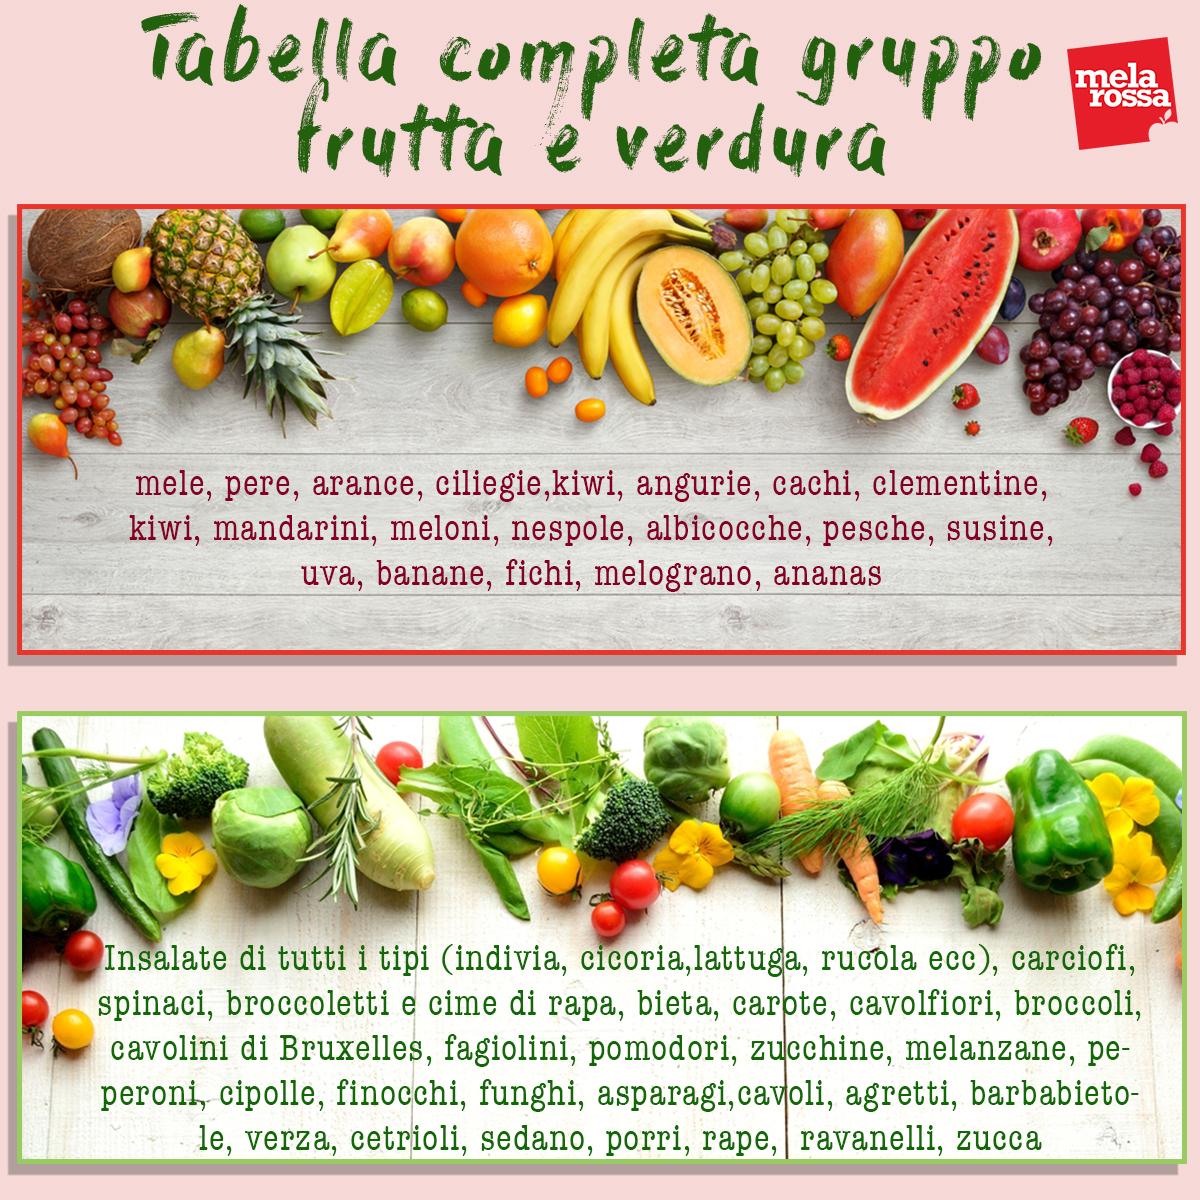 dieta cetriolo e melanzane